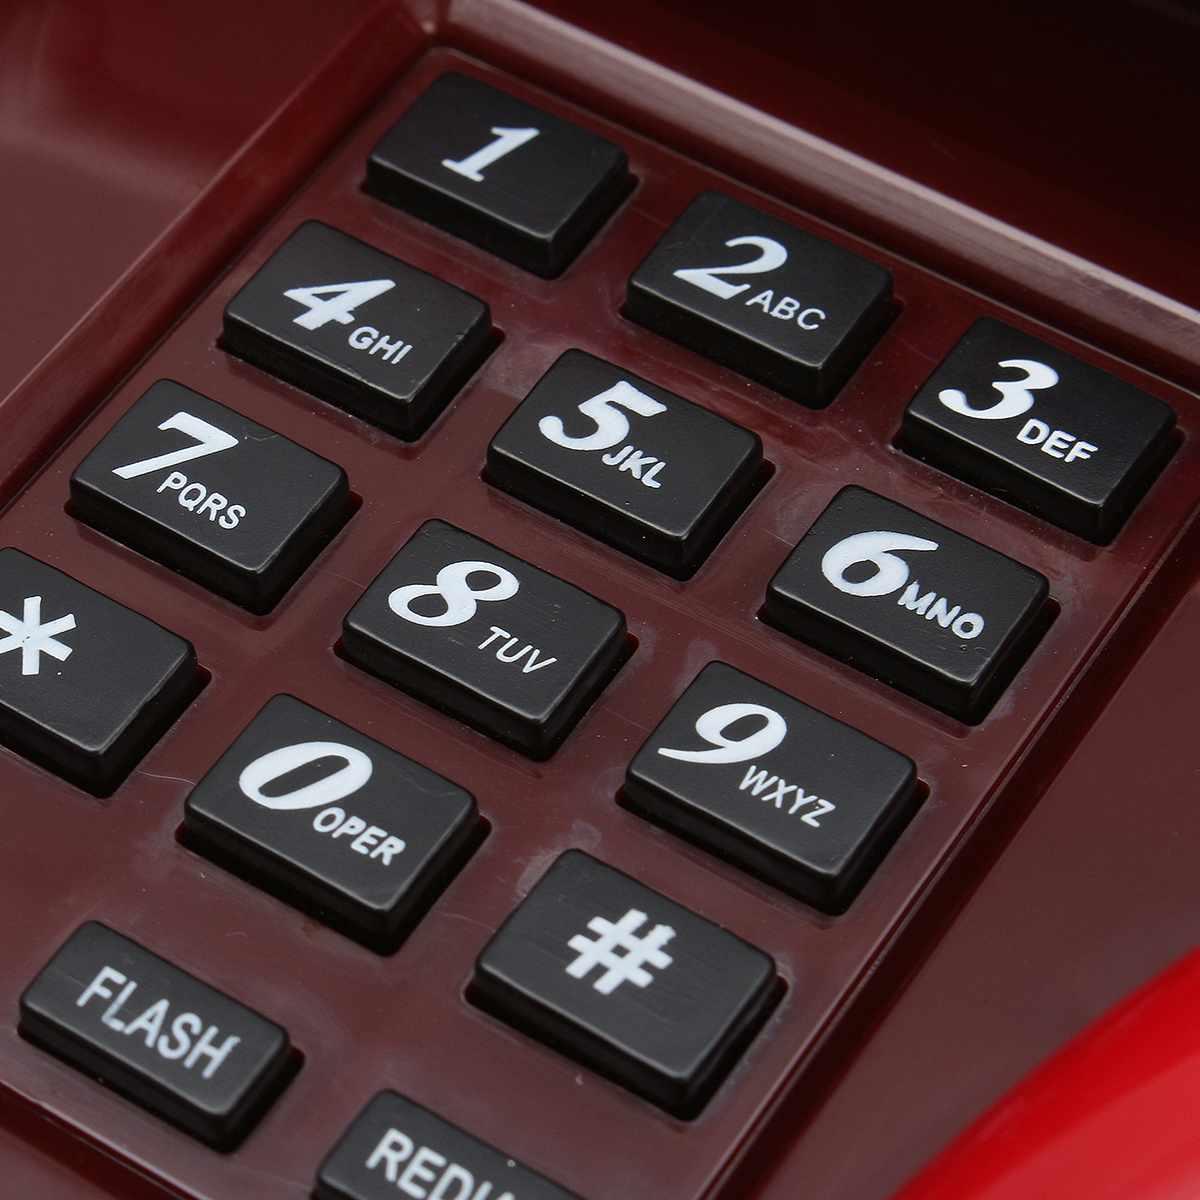 Красные губы стационарный громкий рот мини-телефон Ретро забавная Новинка проводной телефон для дома стационарный телефон спальня для чтения